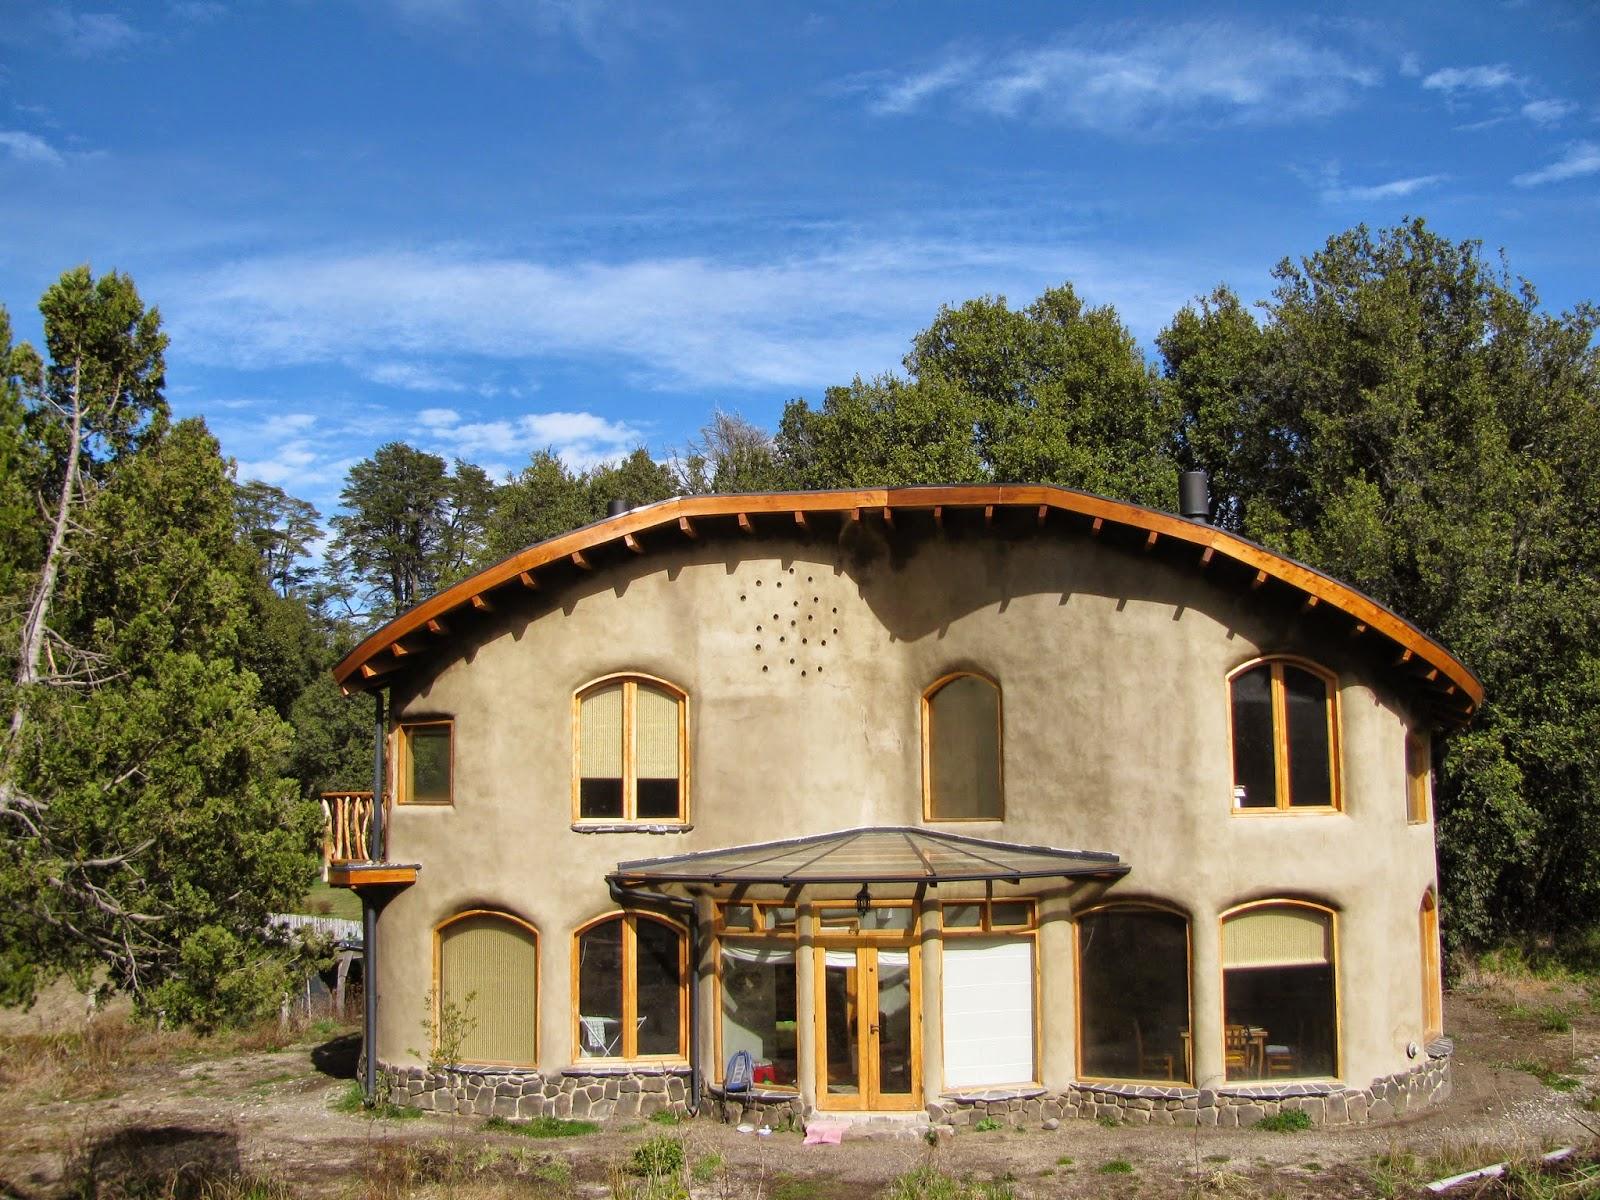 Barro y ganas casa de barro en villa la angostura - Casas en tavernes de la valldigna ...